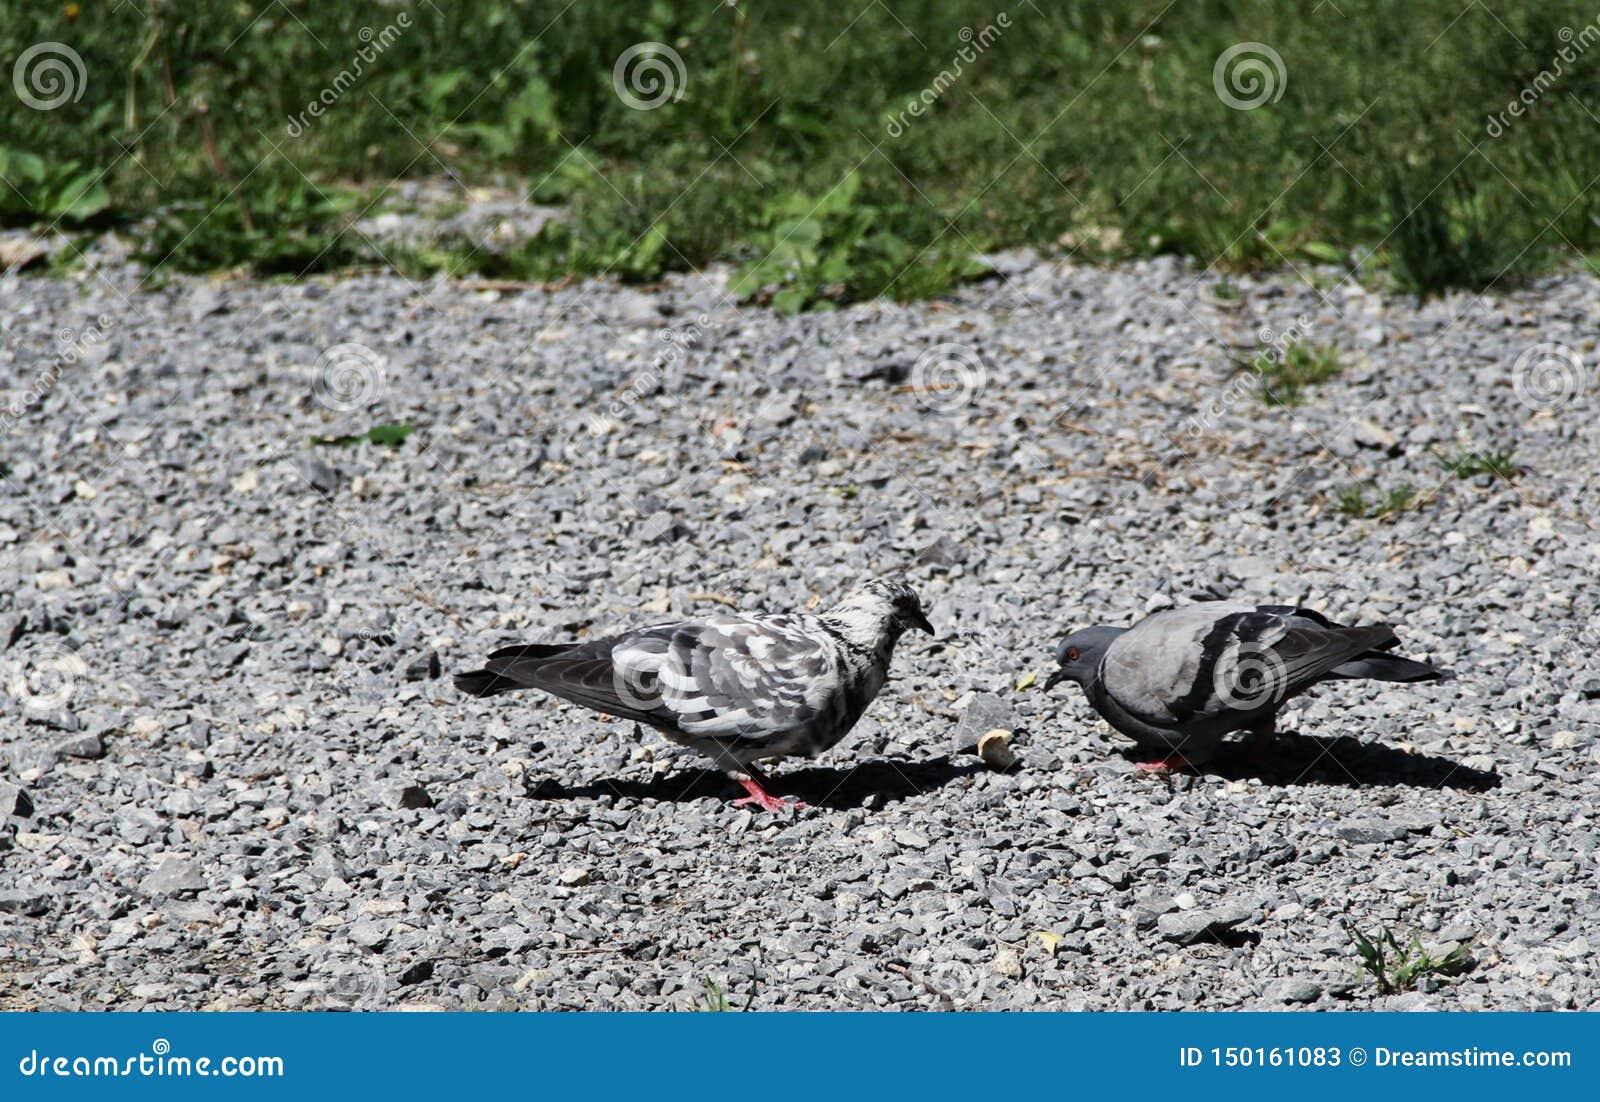 La batalla para el pan, la paloma contra paloma